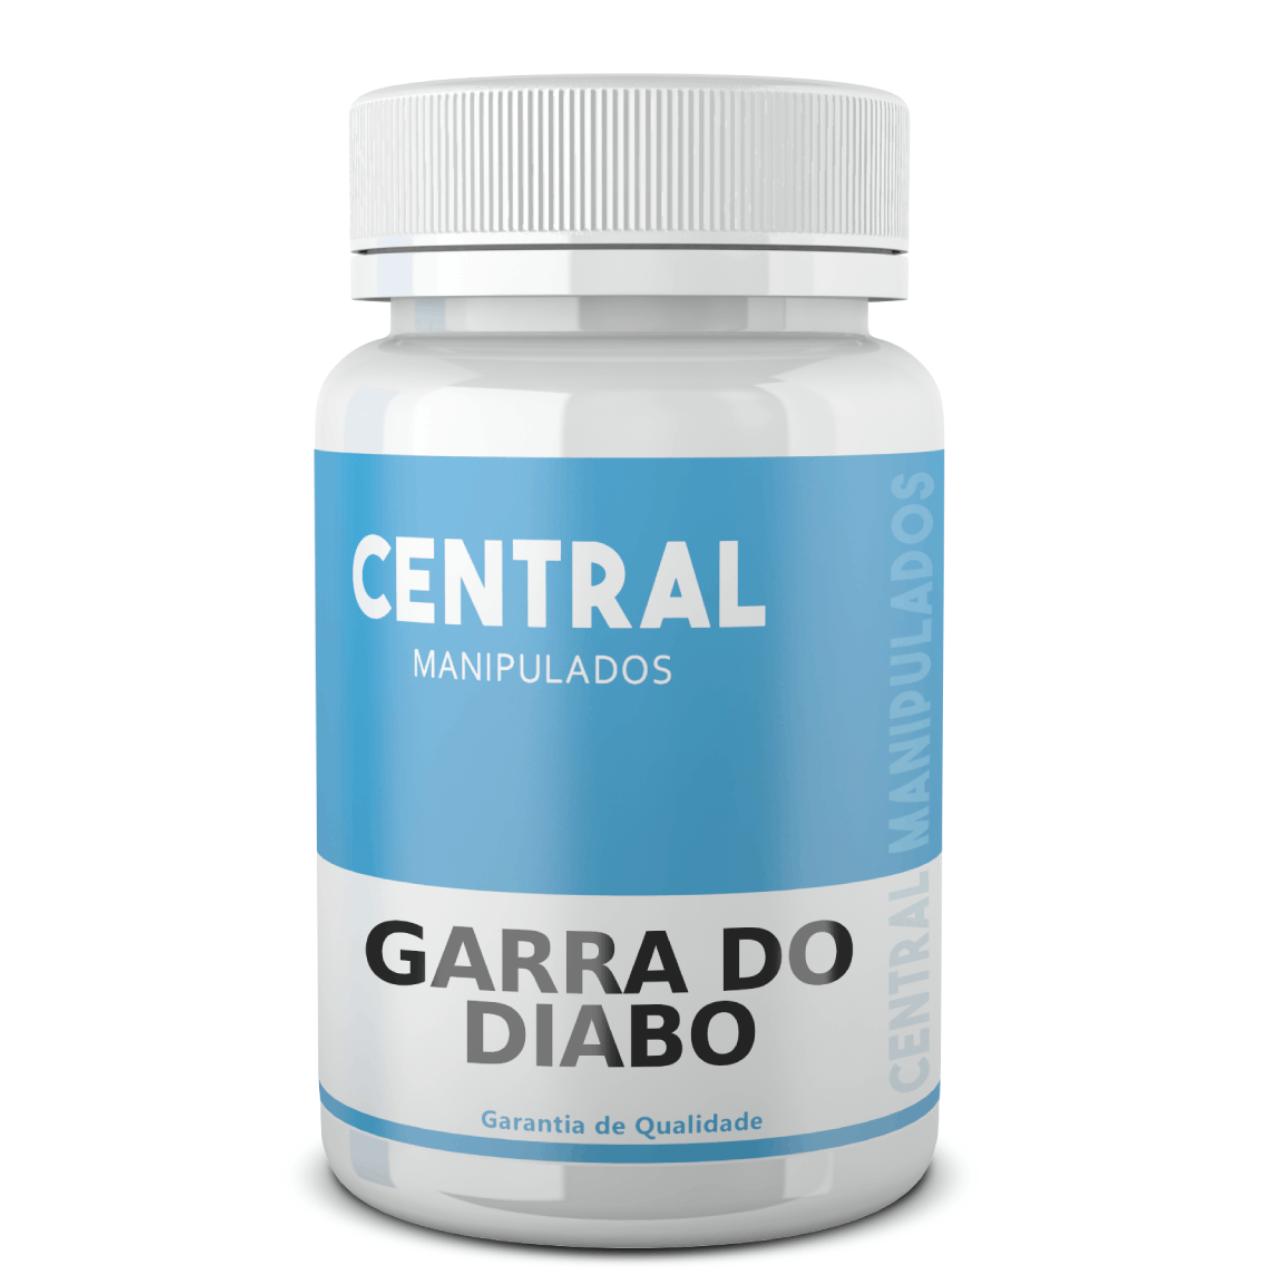 Garra do Diabo 400mg - 120 cápsulas - Anti-inflamatório, Anti-reumático e Analgésico, Contra Dores Articulares